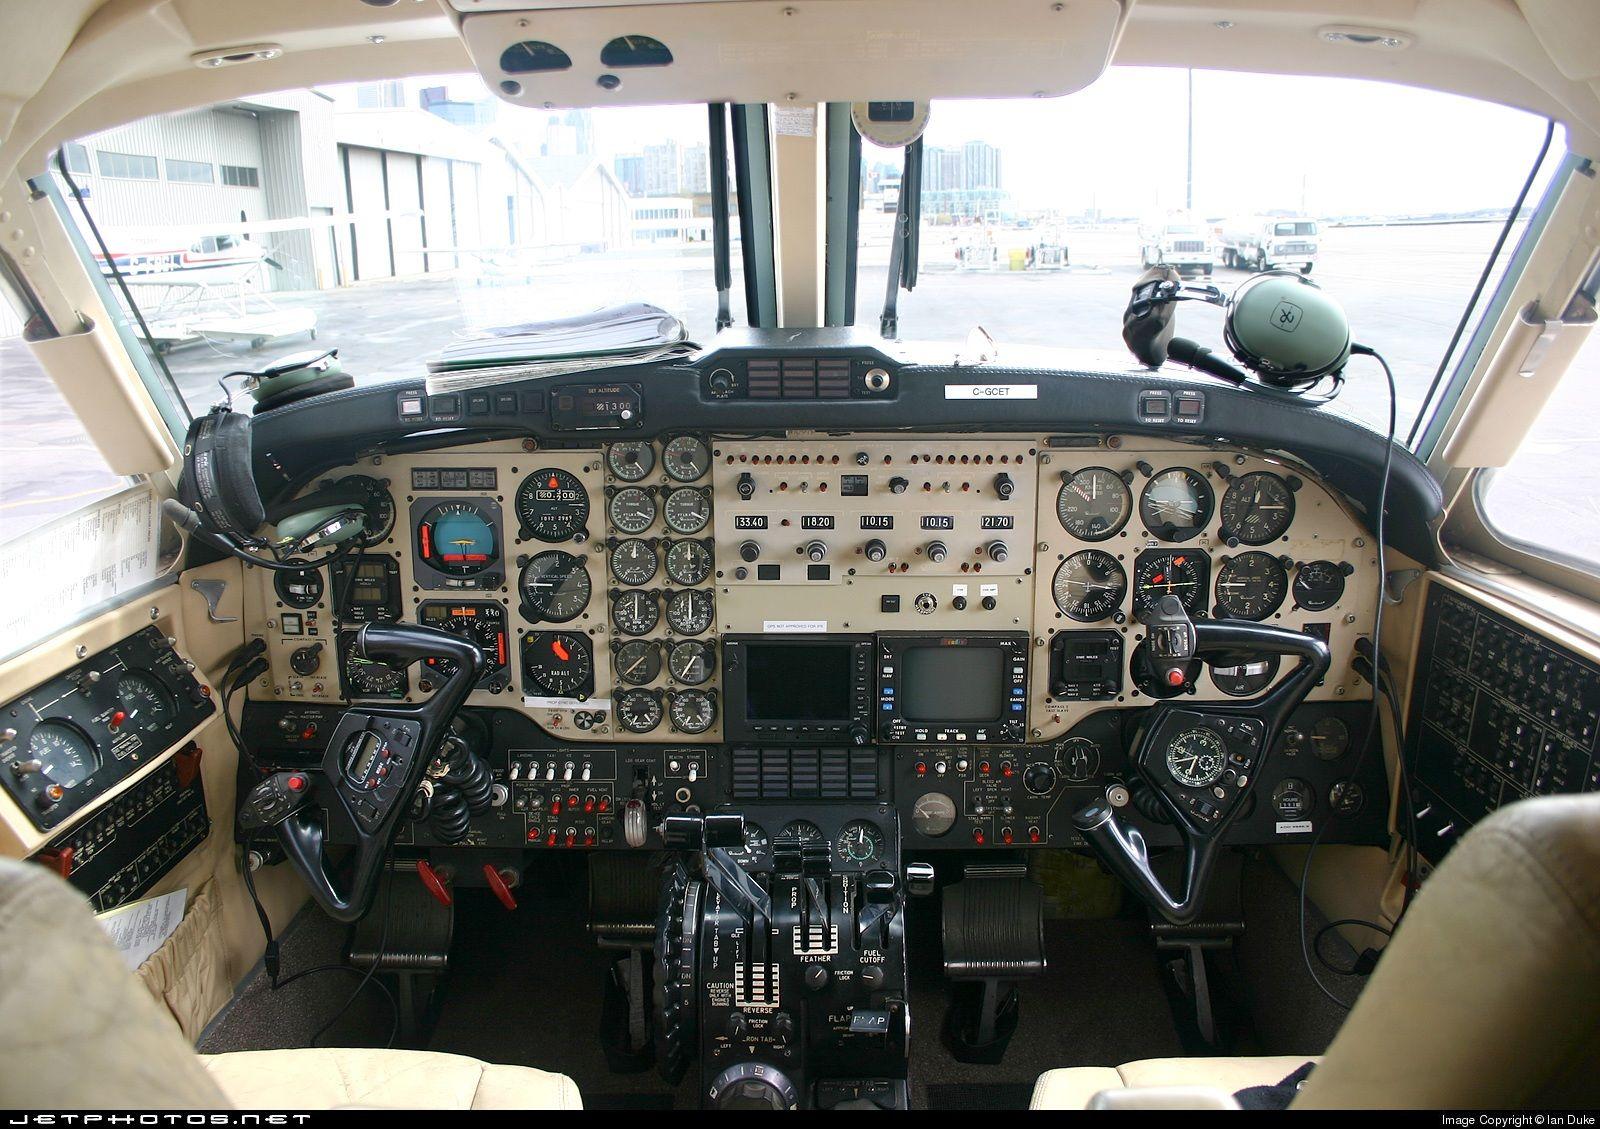 {title} imagens) Aviação, Aeronave, Aviao